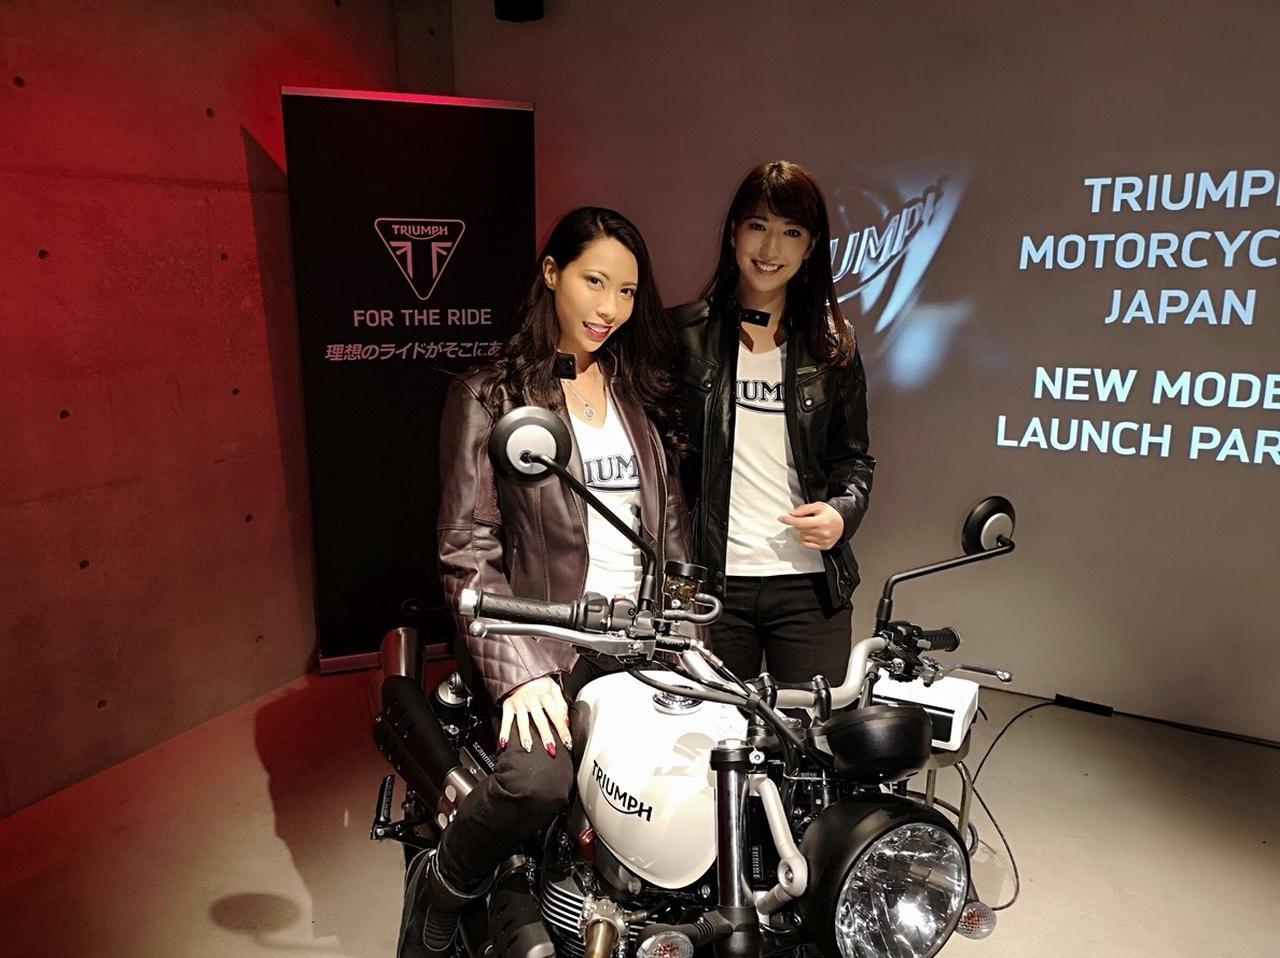 画像: 一緒にモデルをやったカミラちゃん! カミラちゃんもバイク女子で、今大型免許を取りにいってるんだって^^ 早く一緒にツーリング行きたいな~♪